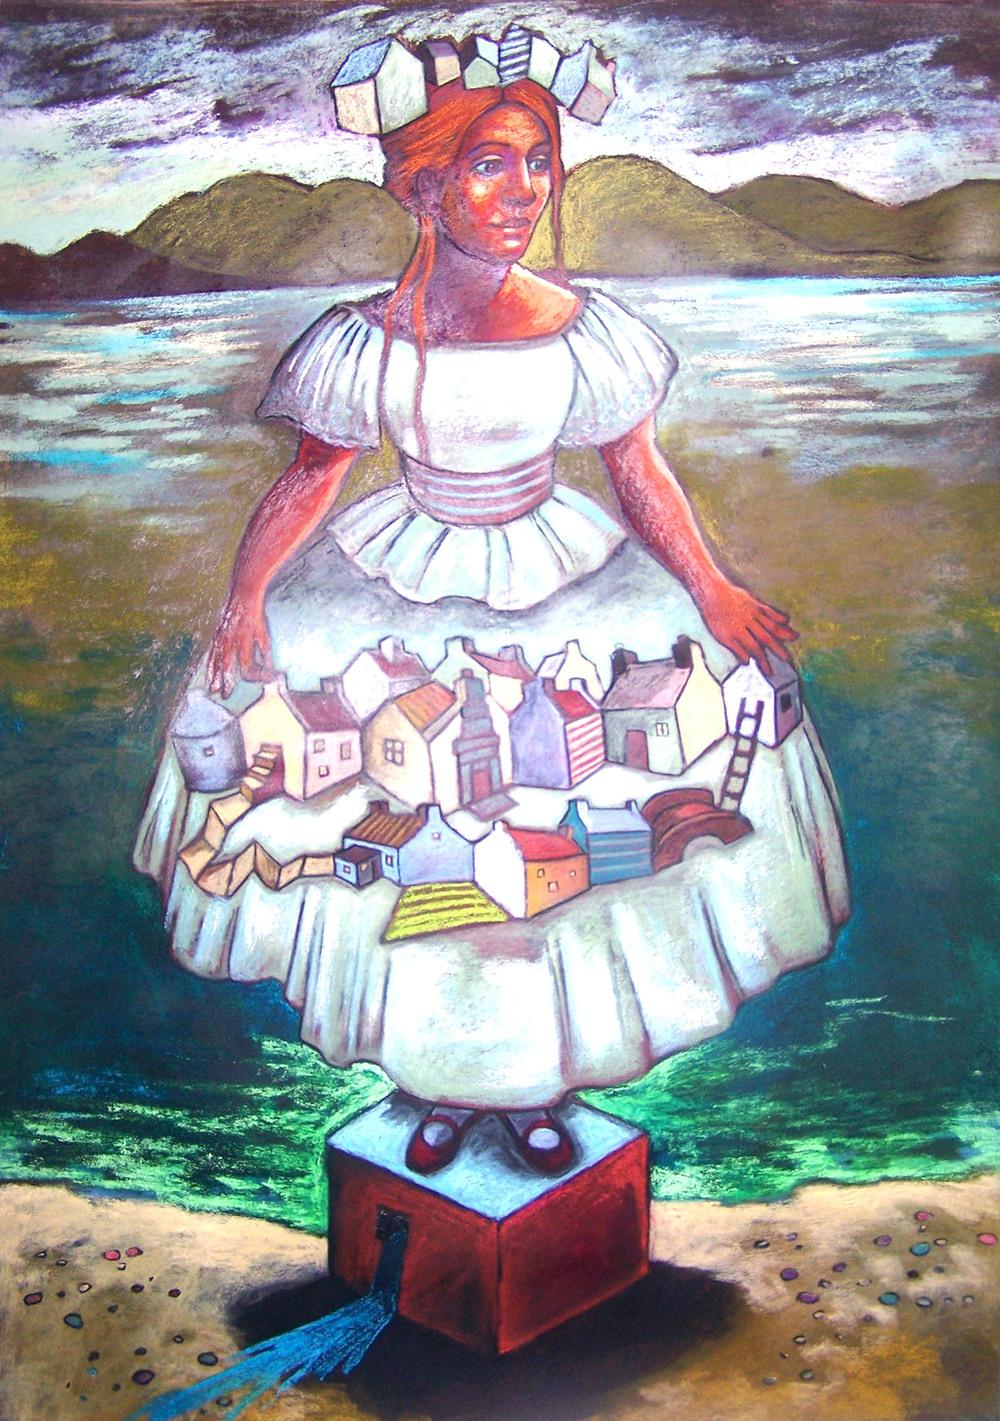 Rosie McGurran_-_Untitled IX.jpg